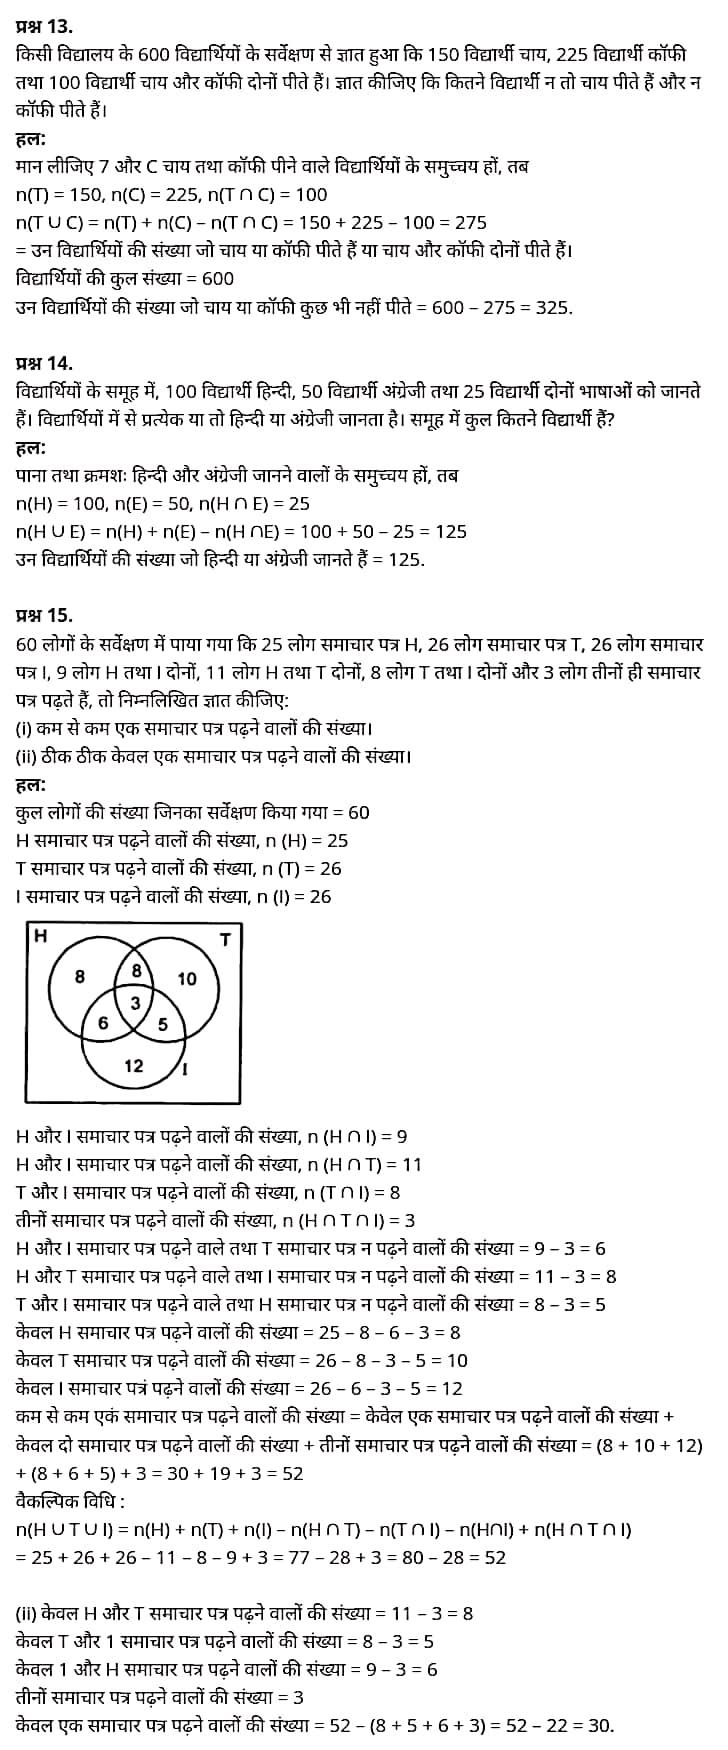 Class 11 matha Chapter 1,  class 11 matha chapter 1 ncert solutions in hindi,  class 11 matha chapter 1 notes in hindi,  class 11 matha chapter 1 question answer,  class 11 matha chapter 1 notes,  11 class matha chapter 1 in hindi,  class 11 matha chapter 1 in hindi,  class 11 matha chapter 1 important questions in hindi,  class 11 matha notes in hindi,   matha class 11 notes pdf,  matha Class 11 Notes 2021 NCERT,  matha Class 11 PDF,  matha book,  matha Quiz Class 11,  11th matha book up board,  up Board 11th matha Notes,  कक्षा 11 मैथ्स अध्याय 1,  कक्षा 11 मैथ्स का अध्याय 1 ncert solution in hindi,  कक्षा 11 मैथ्स के अध्याय 1 के नोट्स हिंदी में,  कक्षा 11 का मैथ्स अध्याय 1 का प्रश्न उत्तर,  कक्षा 11 मैथ्स अध्याय 1 के नोट्स,  11 कक्षा मैथ्स अध्याय 1 हिंदी में,  कक्षा 11 मैथ्स अध्याय 1 हिंदी में,  कक्षा 11 मैथ्स अध्याय 1 महत्वपूर्ण प्रश्न हिंदी में,  कक्षा 11 के मैथ्स के नोट्स हिंदी में,  मैथ्स कक्षा 11 नोट्स pdf,  मैथ्स कक्षा 11 नोट्स 2021 NCERT,  मैथ्स कक्षा 11 PDF,  मैथ्स पुस्तक,  मैथ्स की बुक,  मैथ्स प्रश्नोत्तरी Class 11, 11 वीं मैथ्स पुस्तक up board,  बिहार बोर्ड 11 वीं मैथ्स नोट्स,    11th matha book in hindi,11th matha notes in hindi,cbse books for class 11,cbse books in hindi,cbse ncert books,class 11 matha notes in hindi,class 11 hindi ncert solutions,matha 2020,matha 2021,matha 2022,matha book class 11,matha book in hindi,matha class 11 in hindi,matha notes for class 11 up board in hindi,ncert all books,ncert app in hindi,ncert book solution,ncert books class 10,ncert books class 11,ncert books for class 7,ncert books for upsc in hindi,ncert books in hindi class 10,ncert books in hindi for class 11 matha,ncert books in hindi for class 6,ncert books in hindi pdf,ncert class 11 hindi book,ncert english book,ncert matha book in hindi,ncert matha books in hindi pdf,ncert matha class 11,ncert in hindi,old ncert books in hindi,online ncert books in hindi,up board 11th,up board 11th syllabus,up board class 10 hindi book,up board class 11 books,up board class 11 